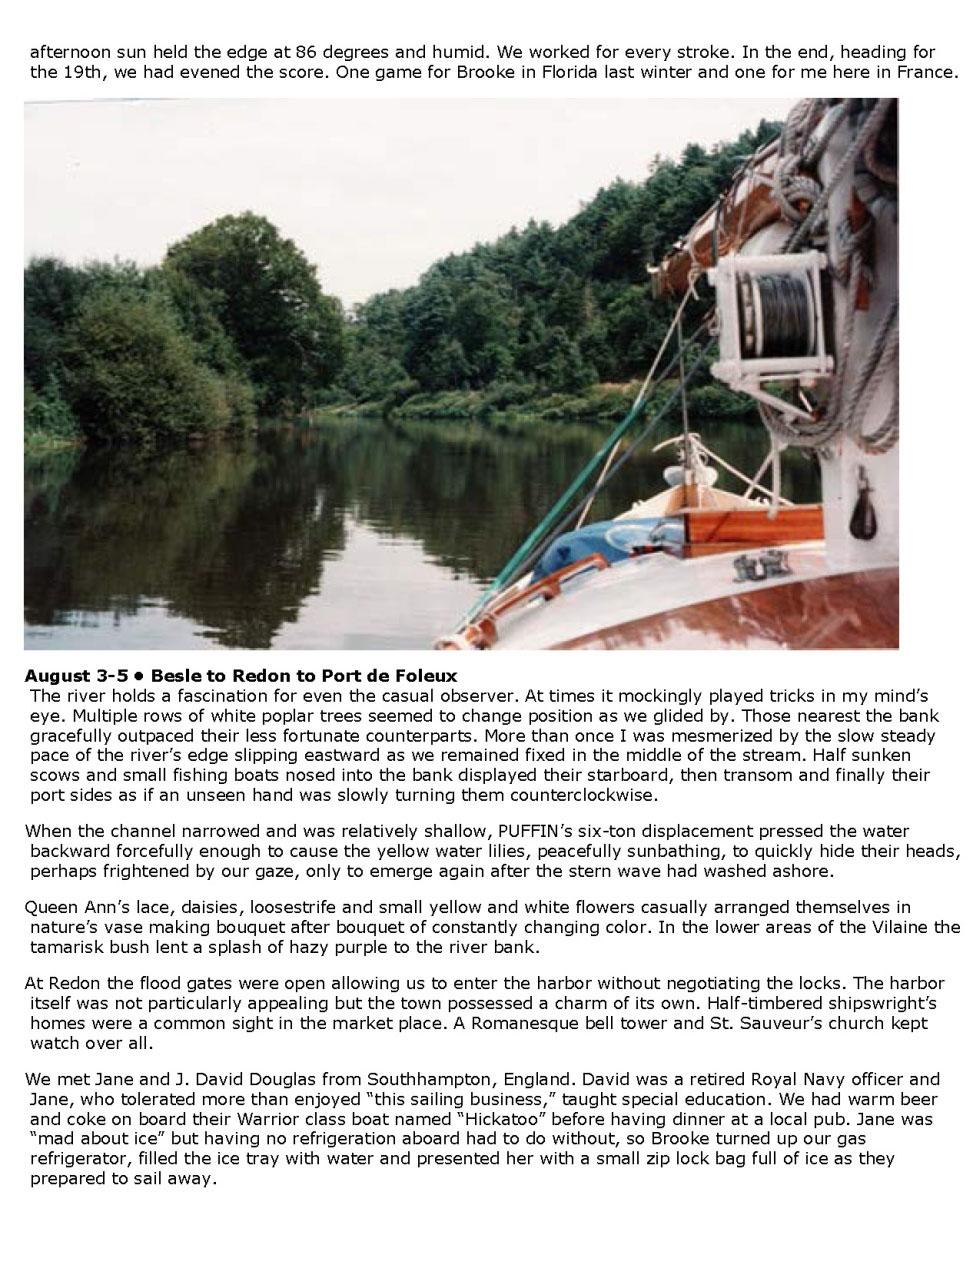 Narrative1994part2_Page_05